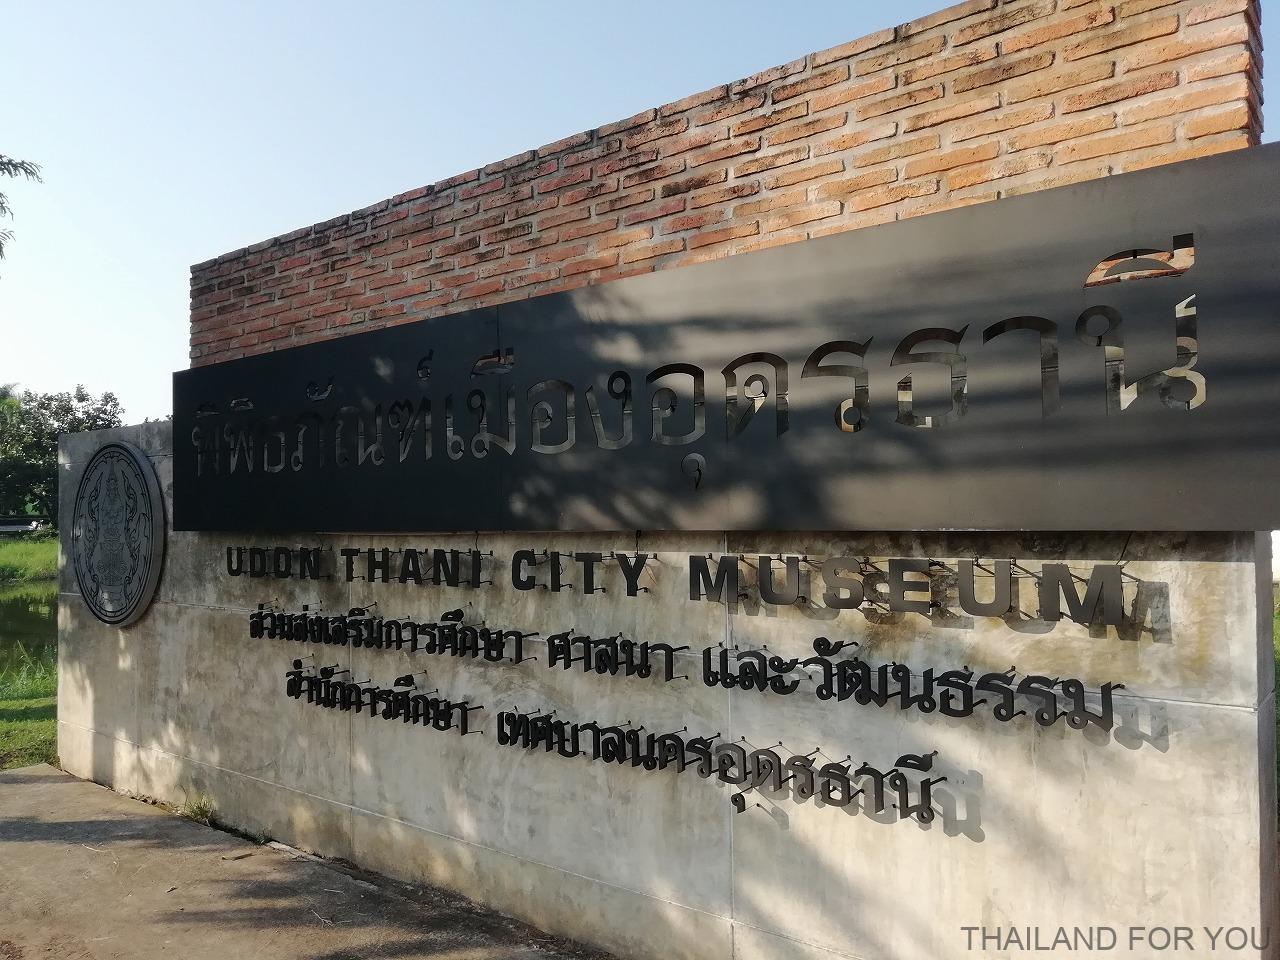 ウドンタニ地域博物館